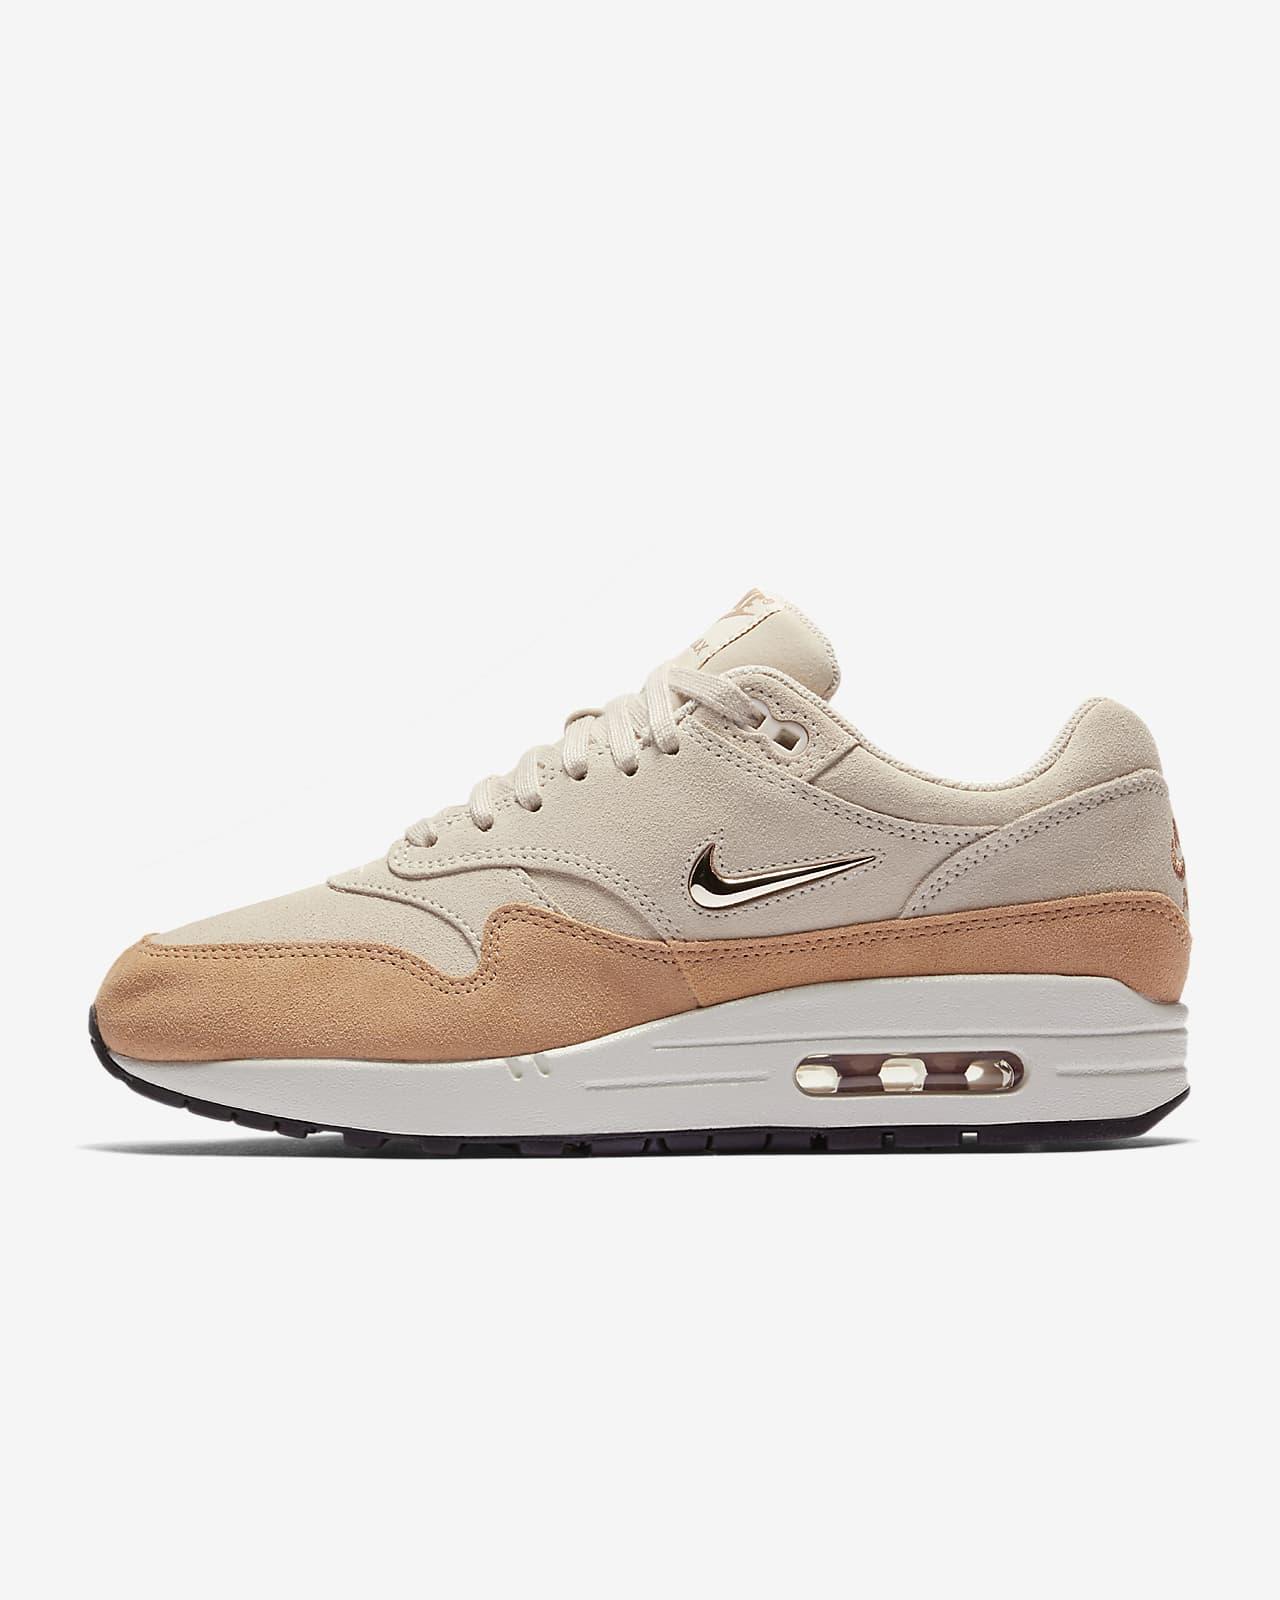 Nike Air Max 1 Premium SC 女子运动鞋